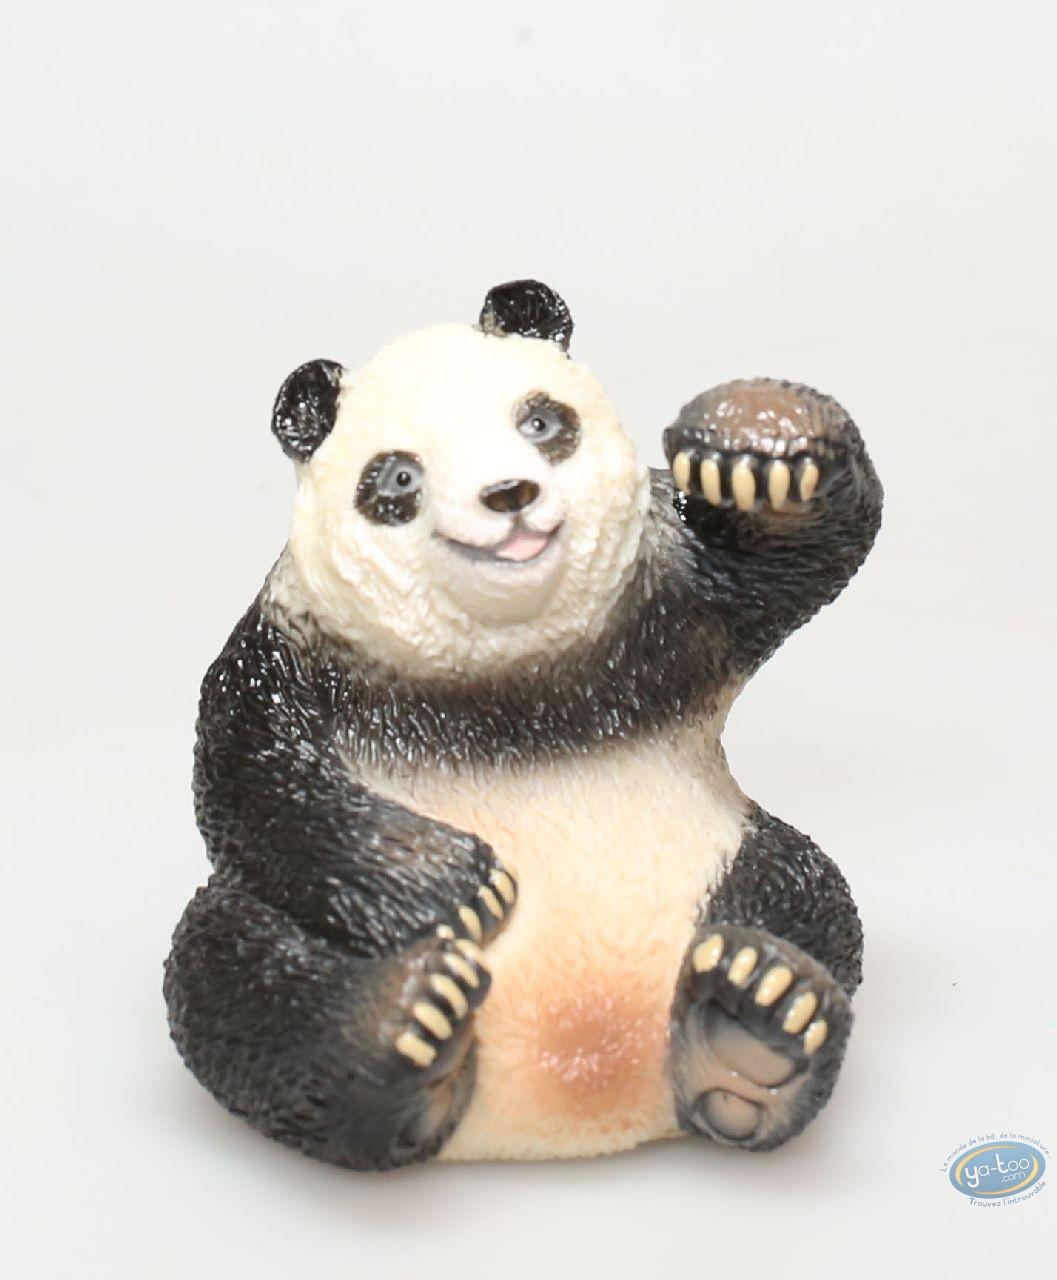 Figurine plastique, Animaux : Panda